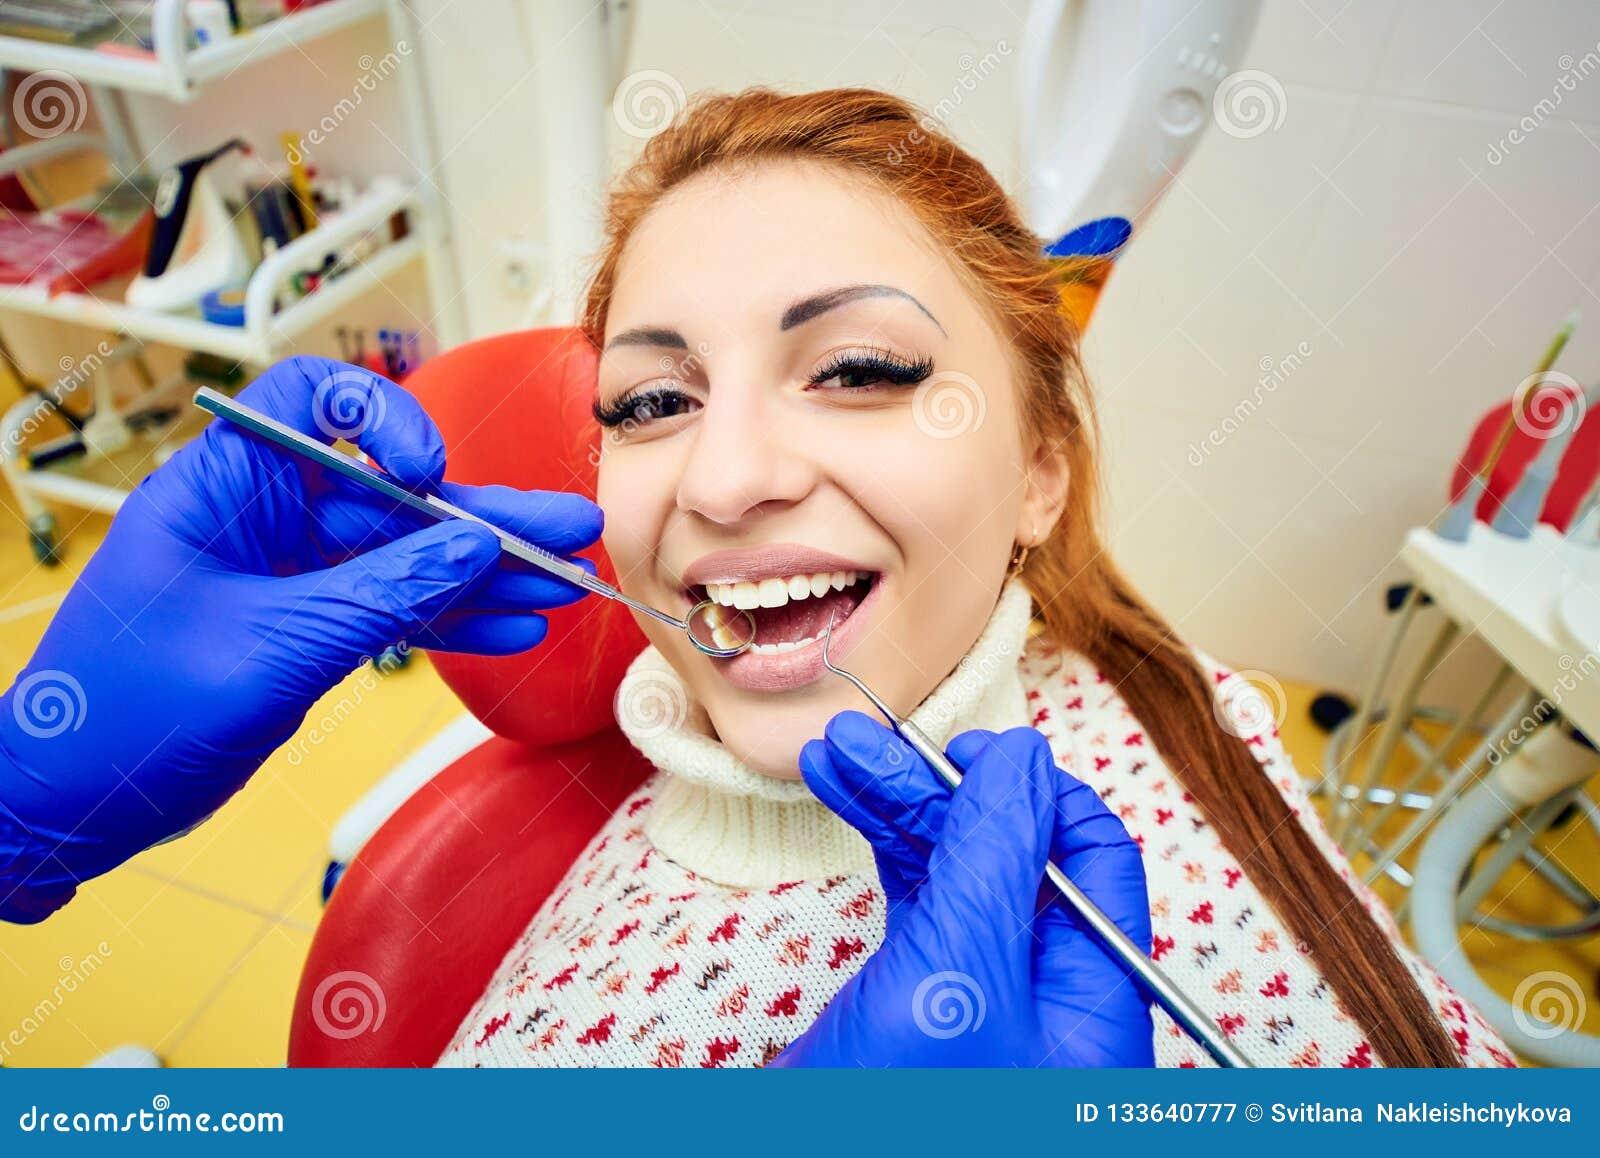 Odontología, tratamiento dental